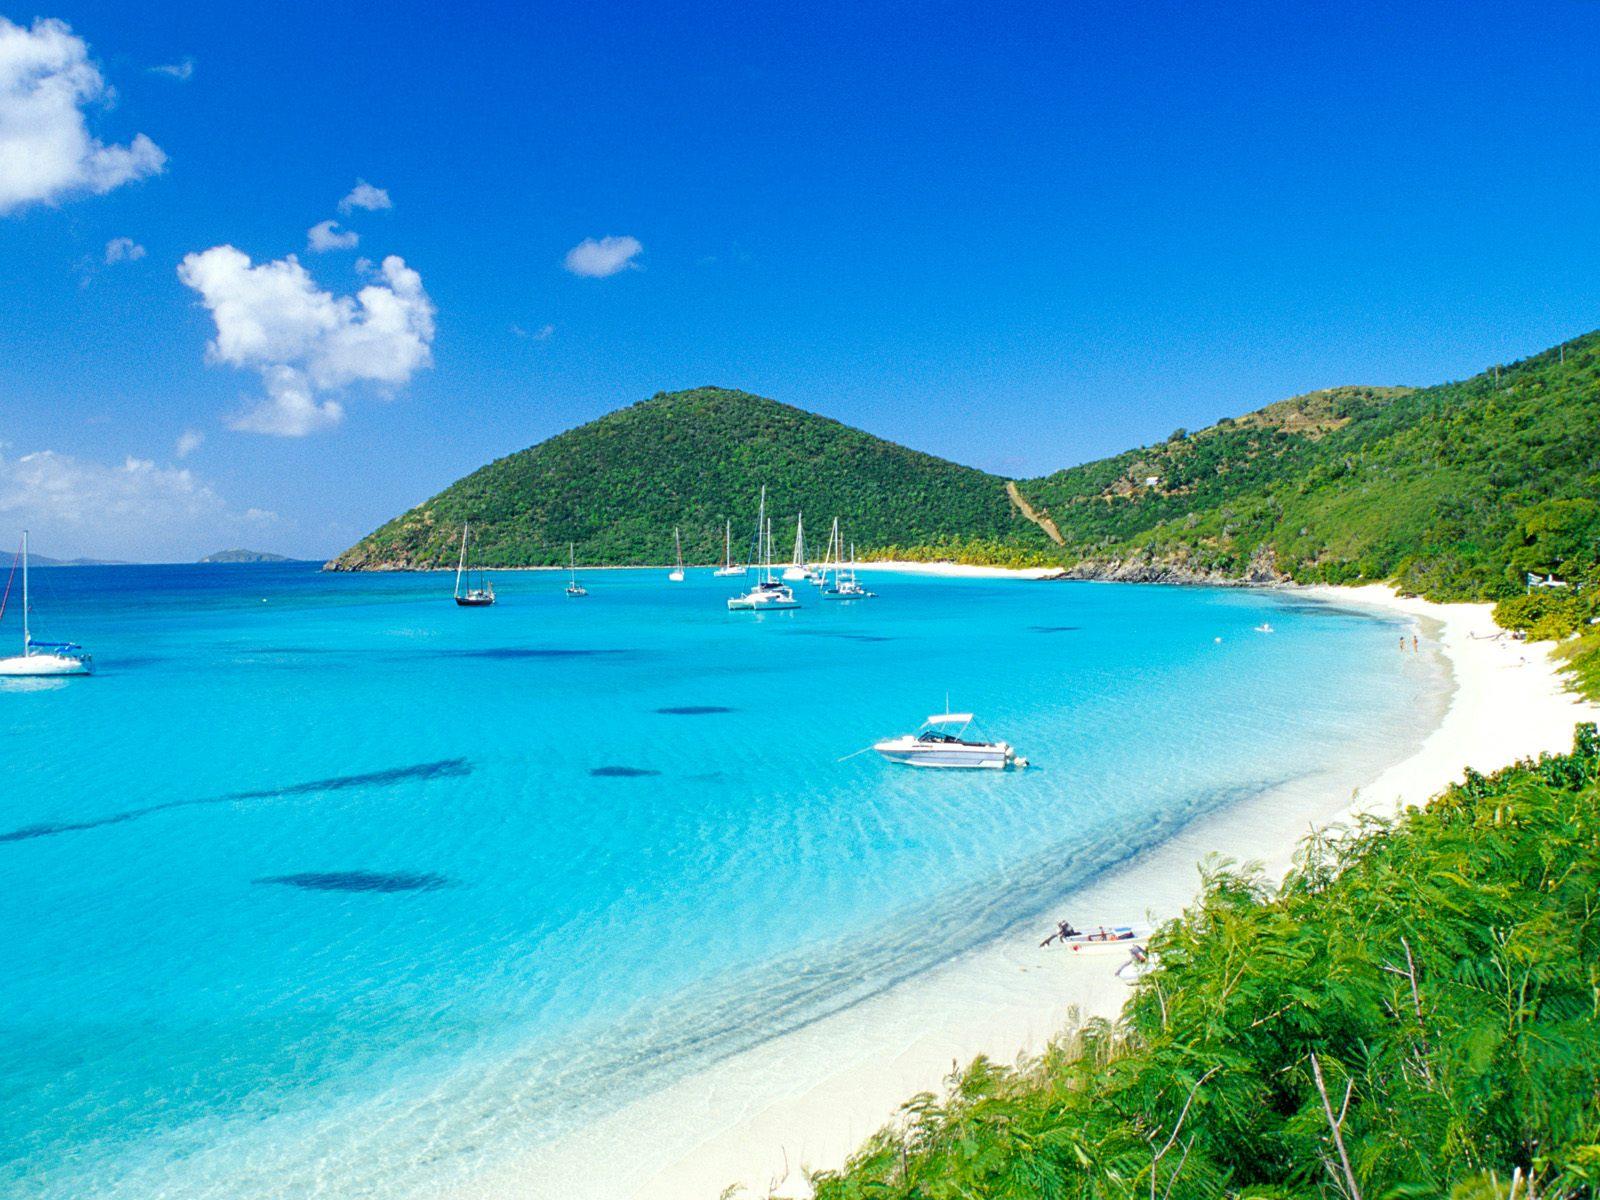 Lo mejor en Compras en Saint Thomas, Virgin Islands